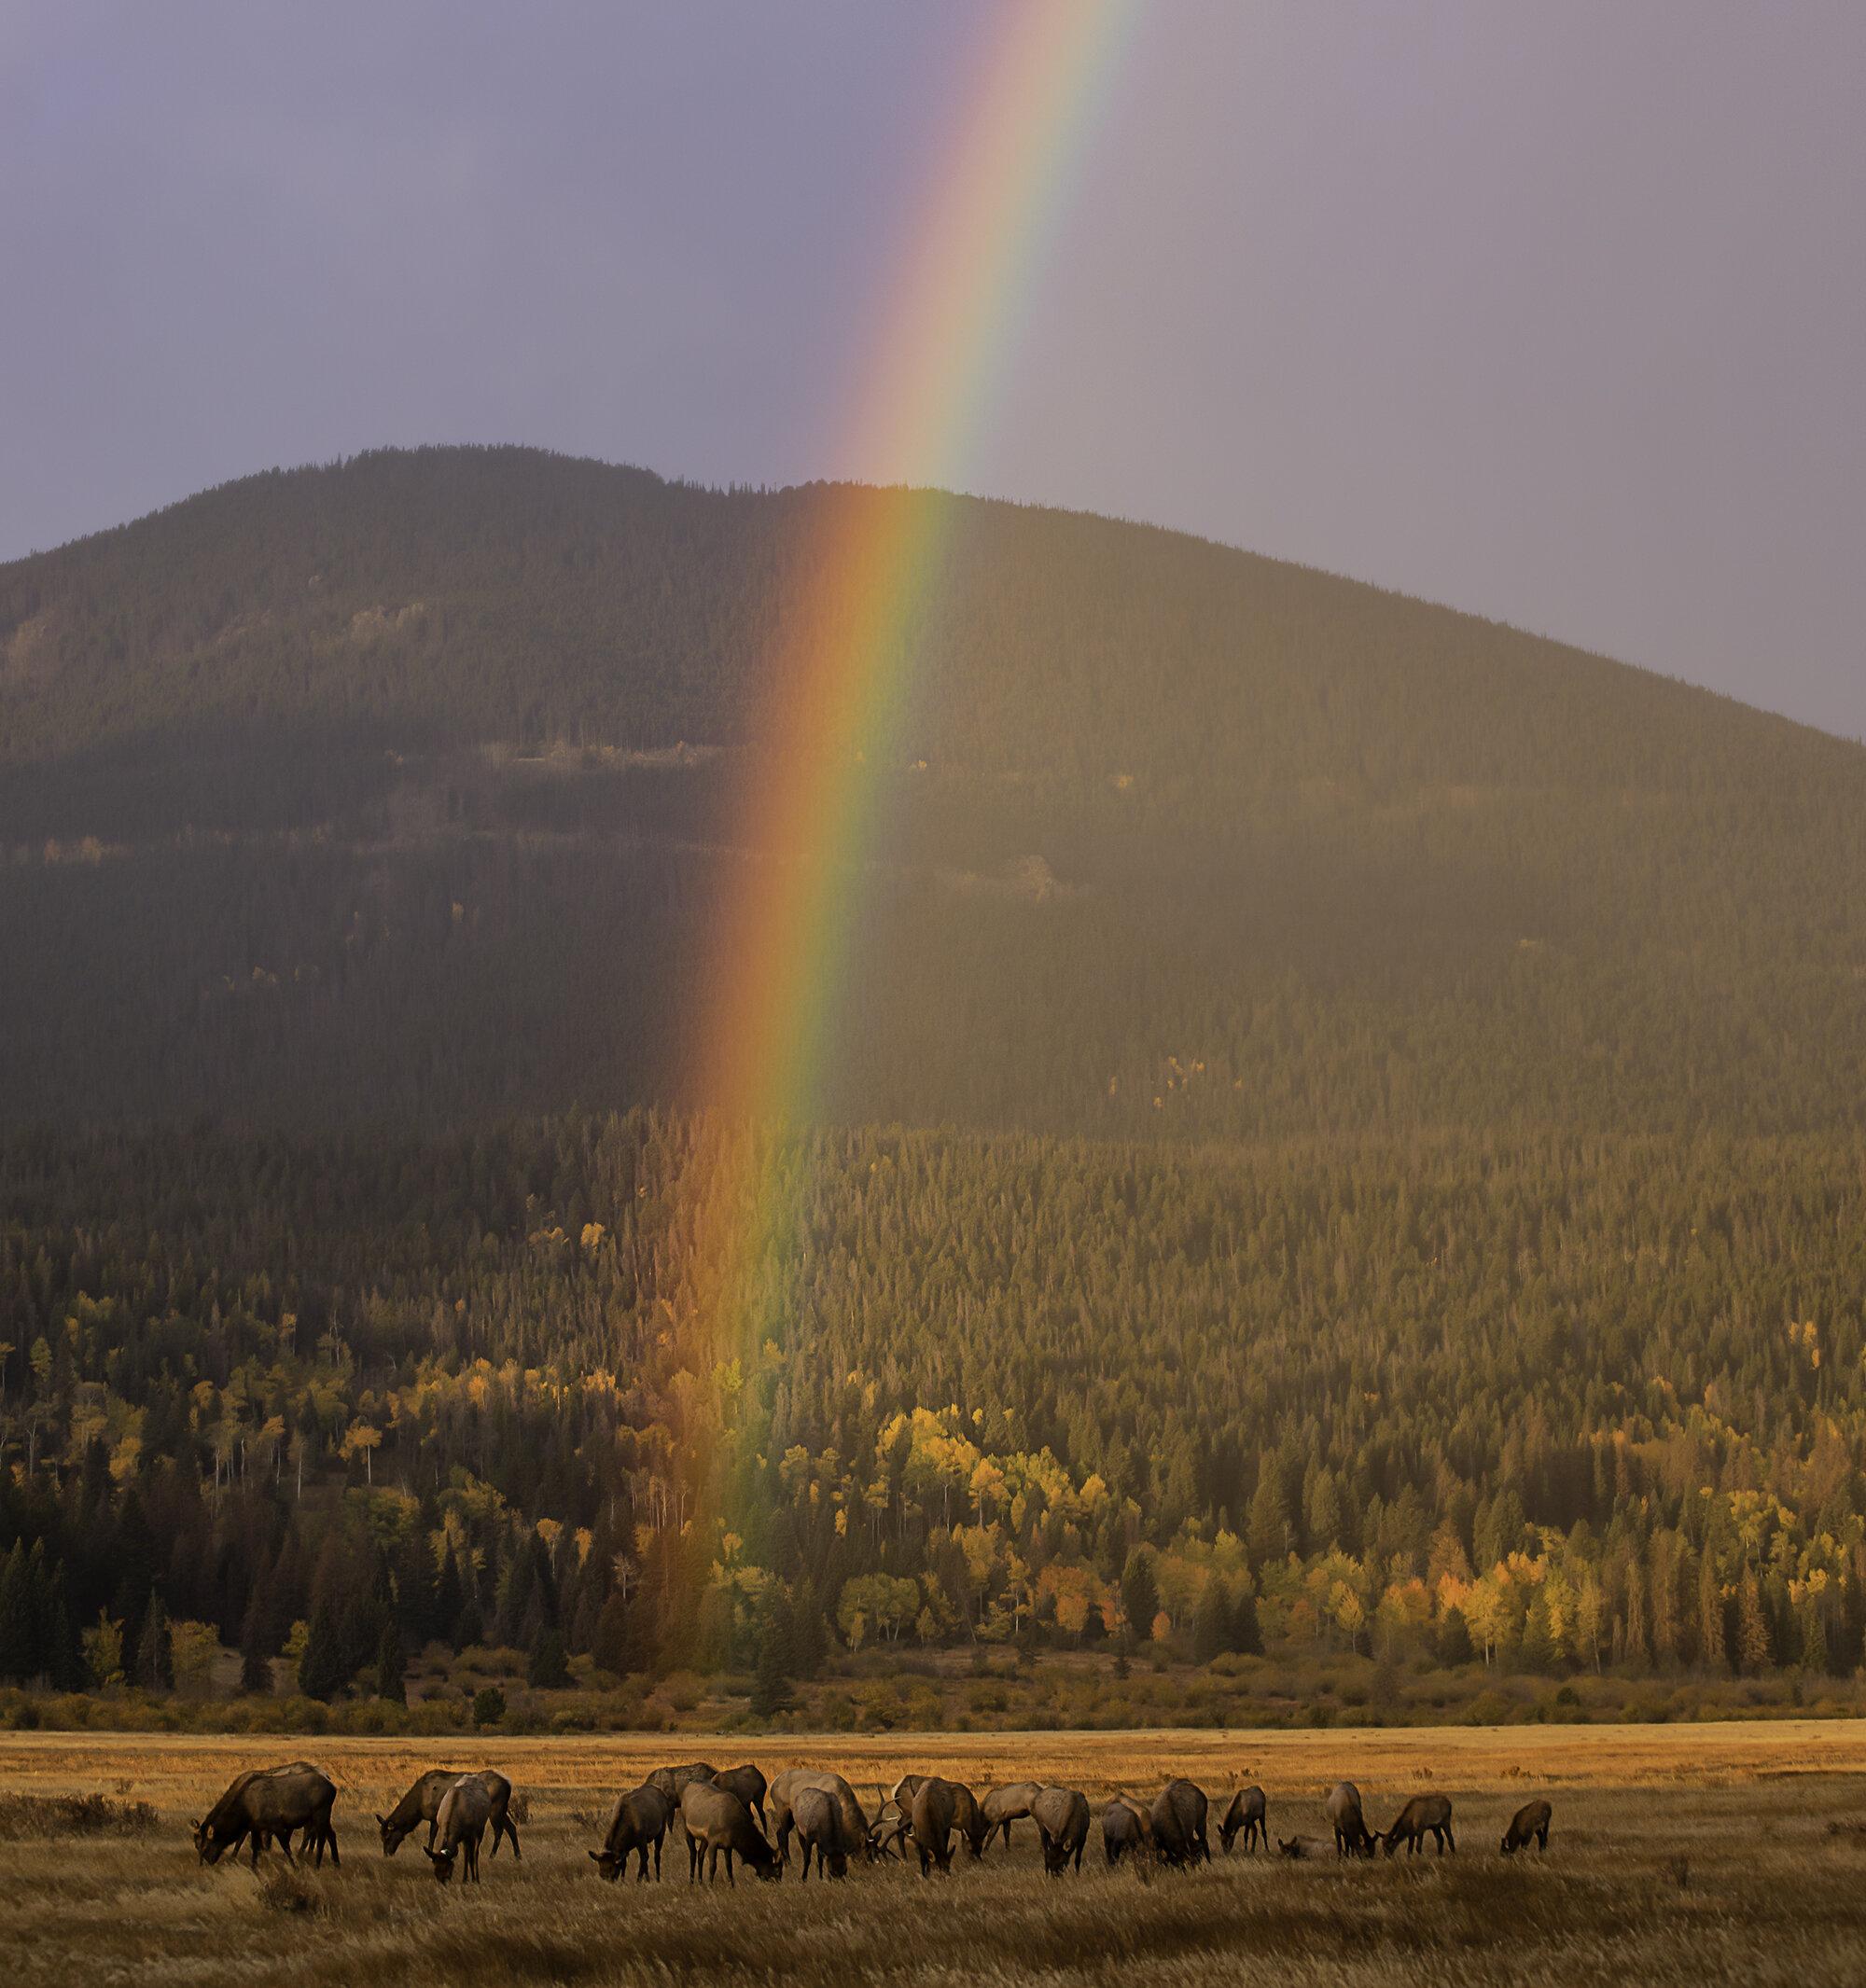 RainbowElkSmall.jpg